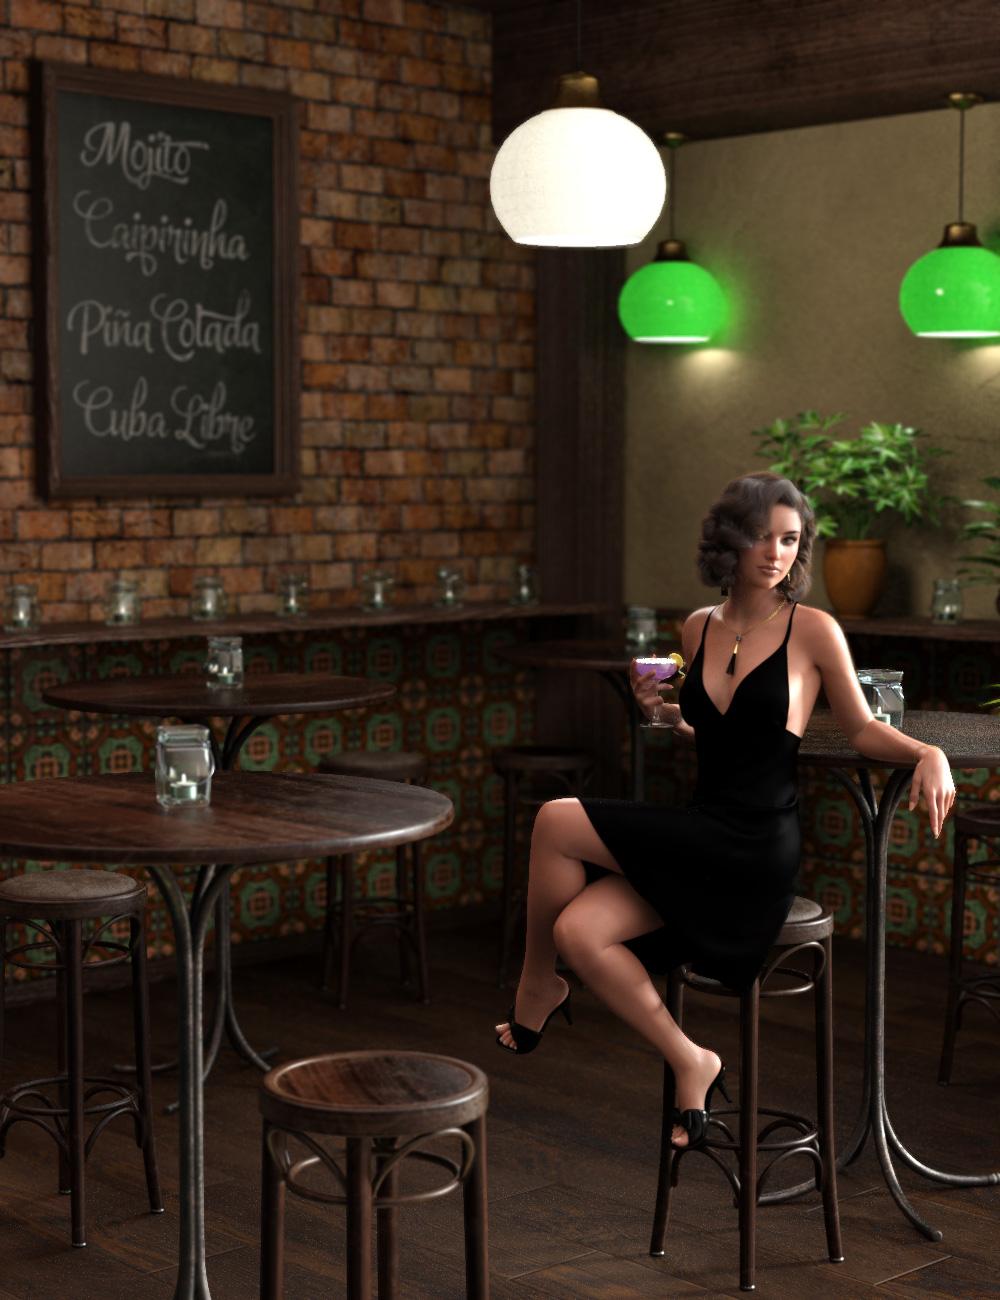 Cocktail Bar Vignette by: esha, 3D Models by Daz 3D